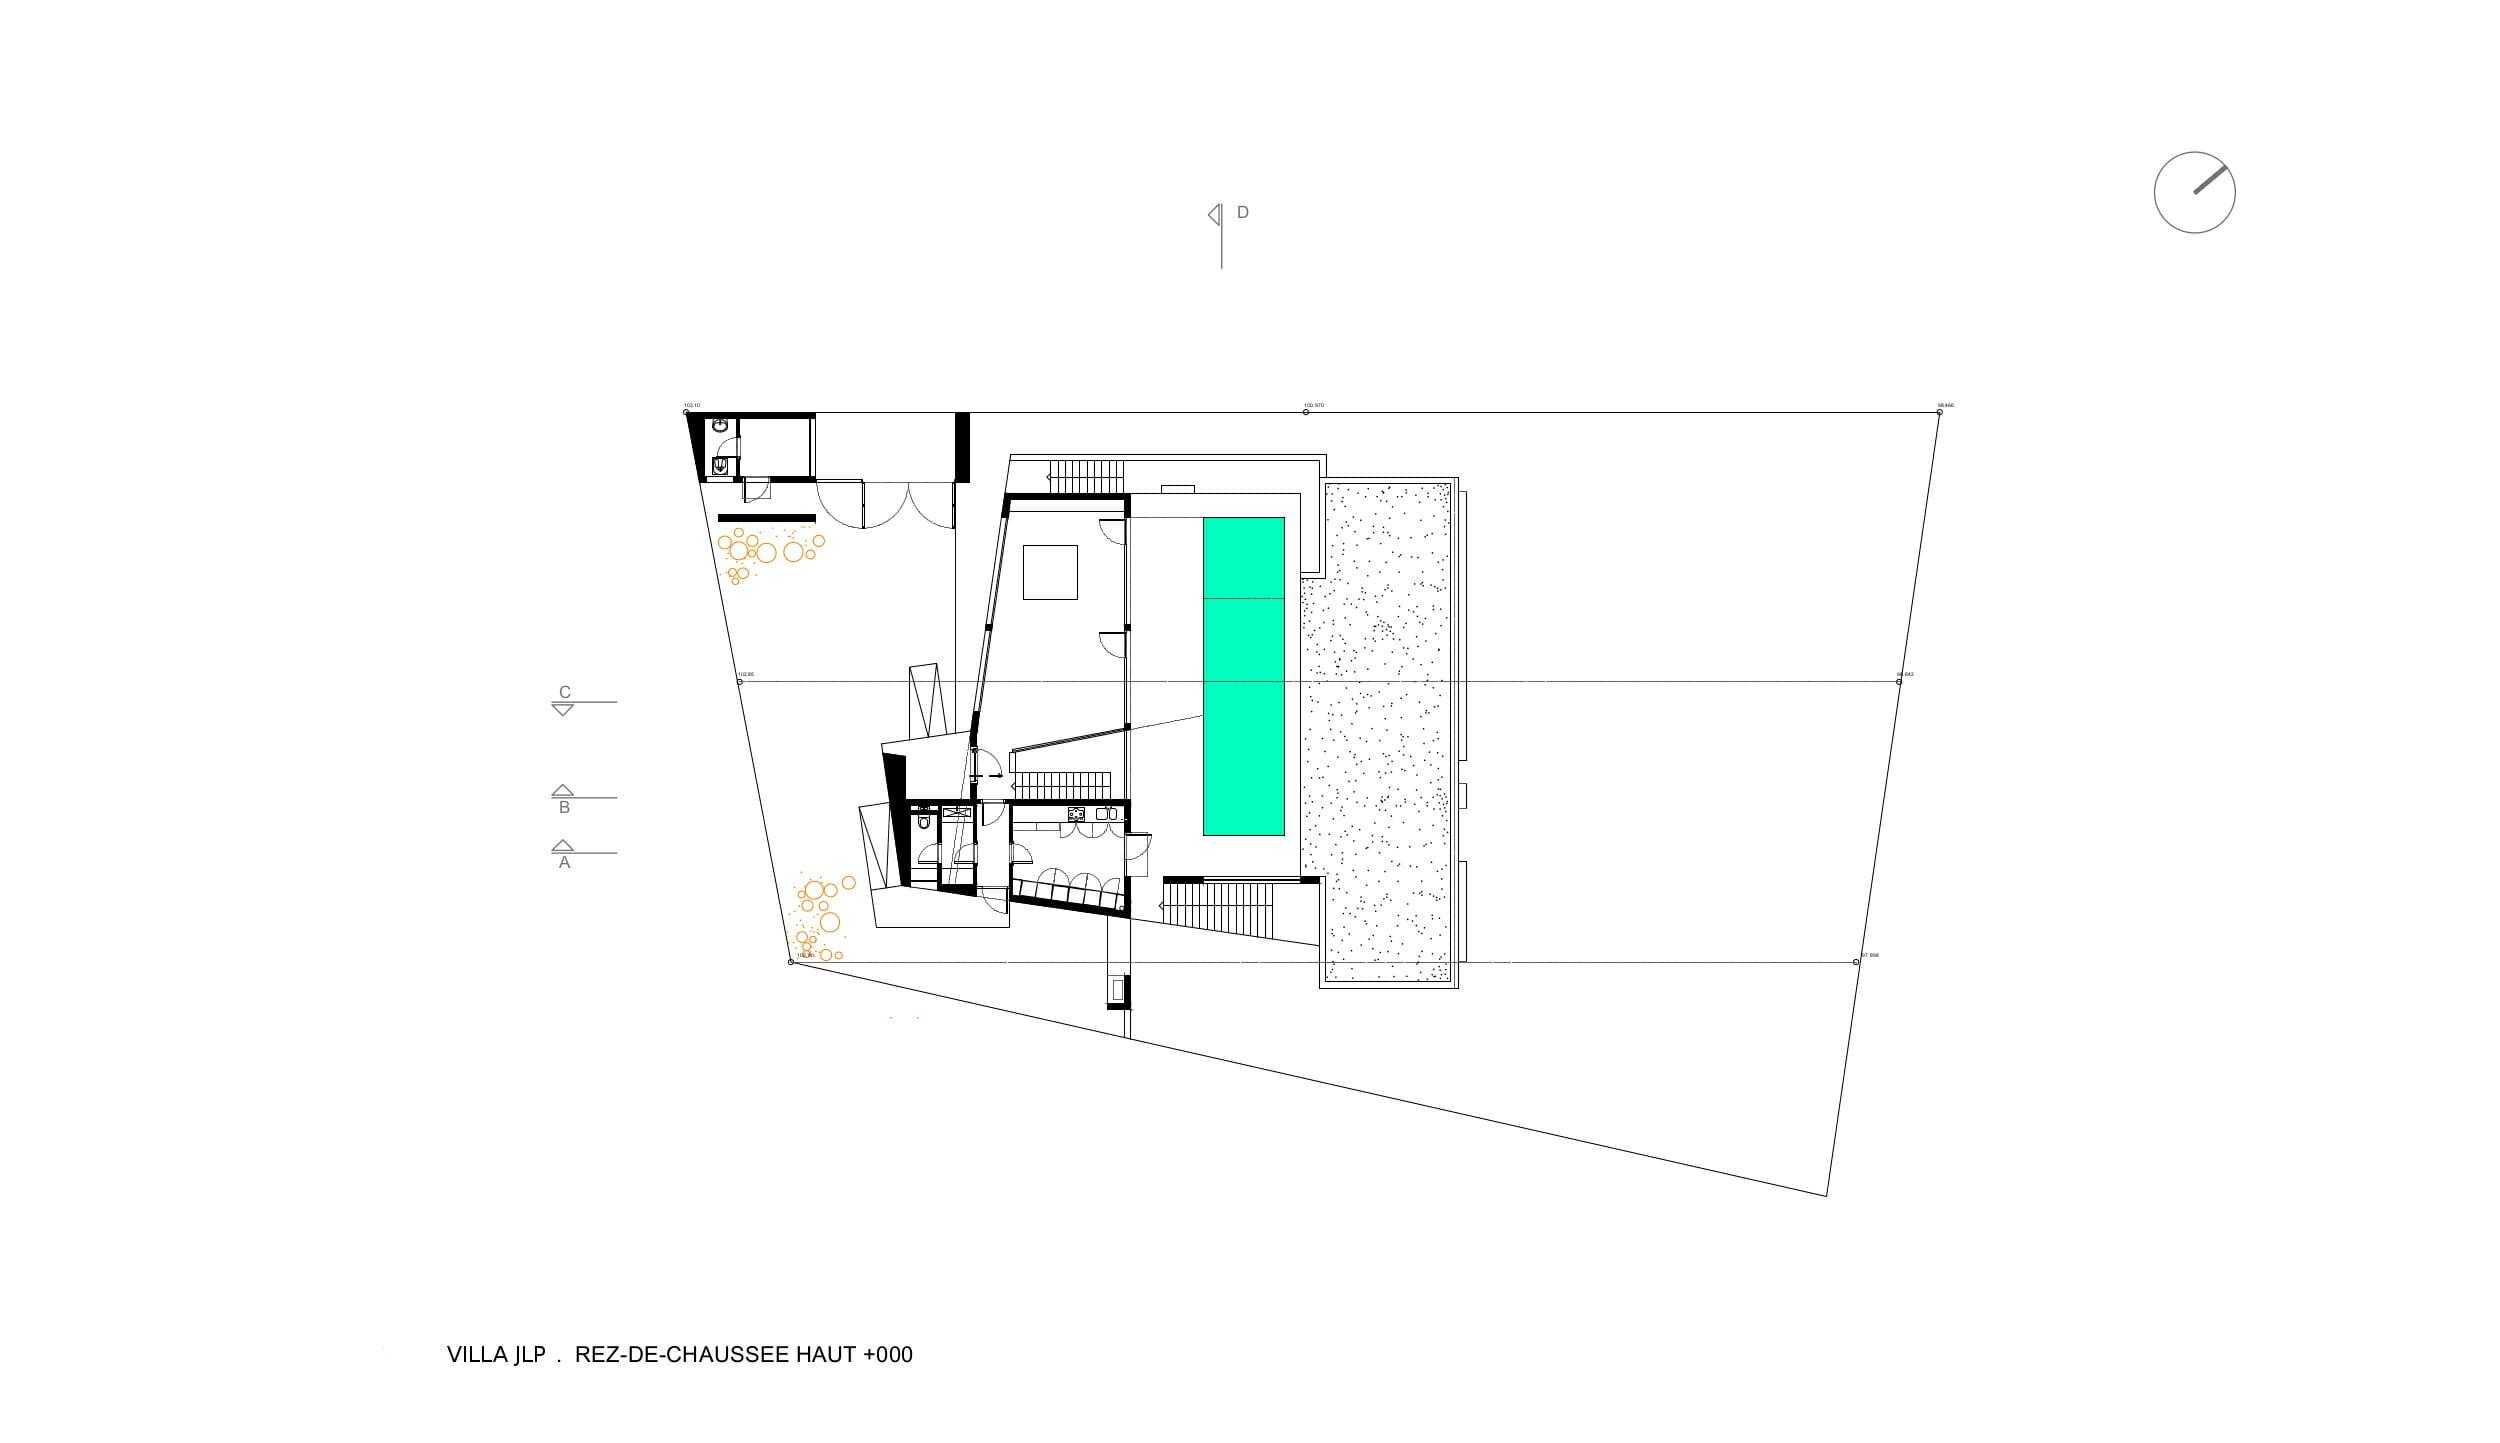 PIQUET.plan-01-rdc-haut